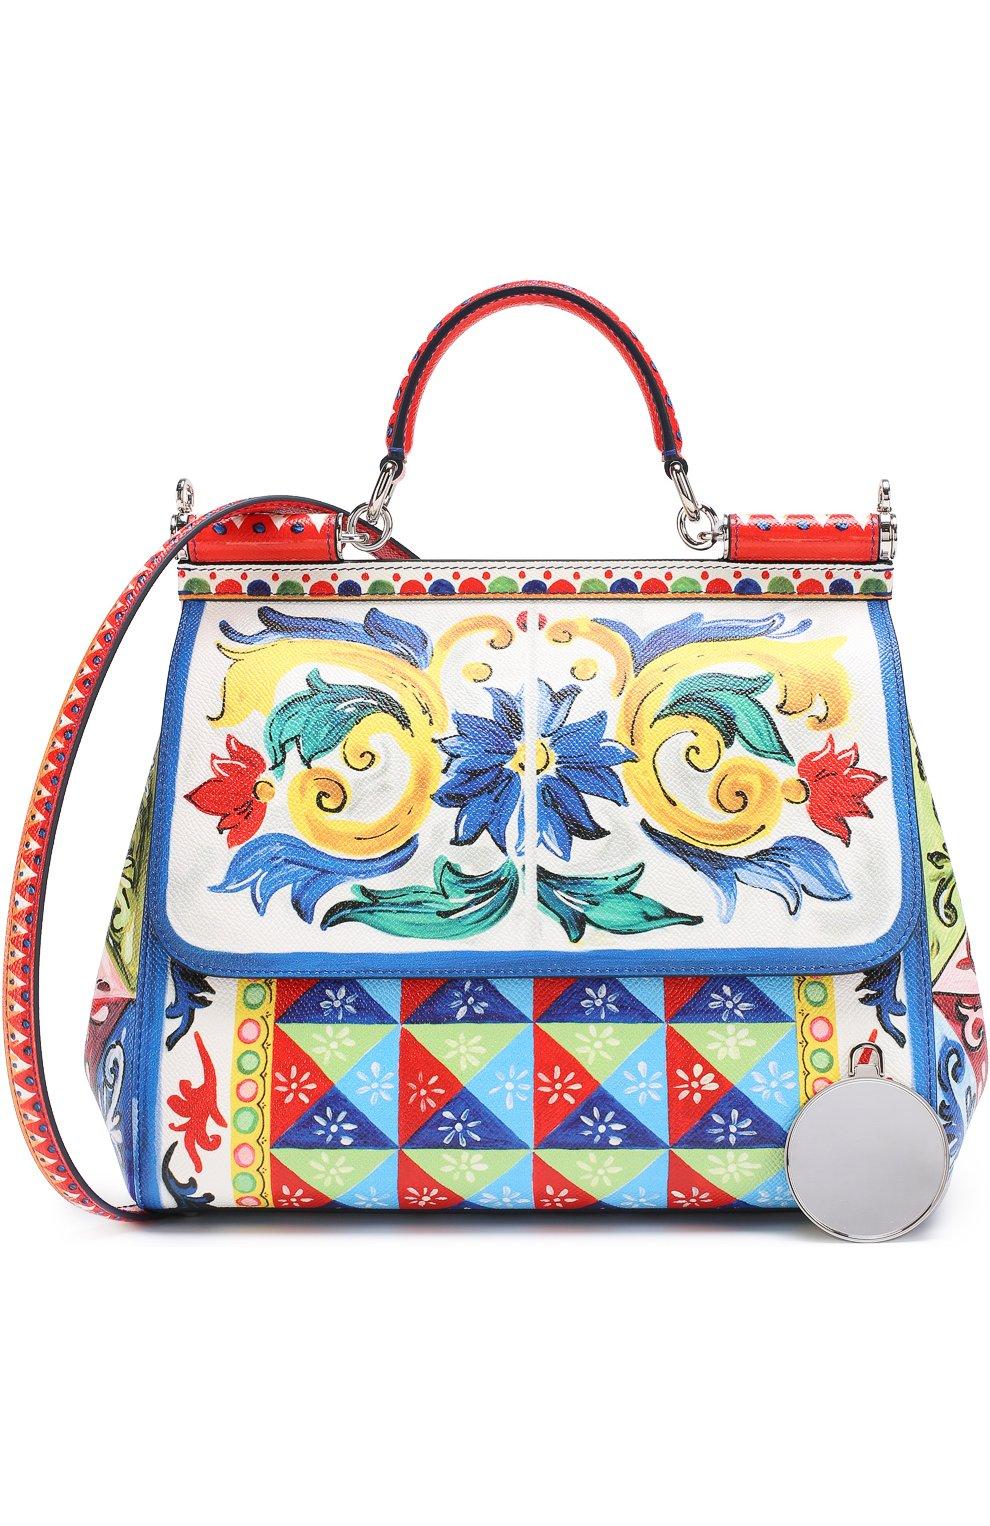 Сумка Sicily medium с принтом Dolce & Gabbana разноцветная цвета | Фото №6